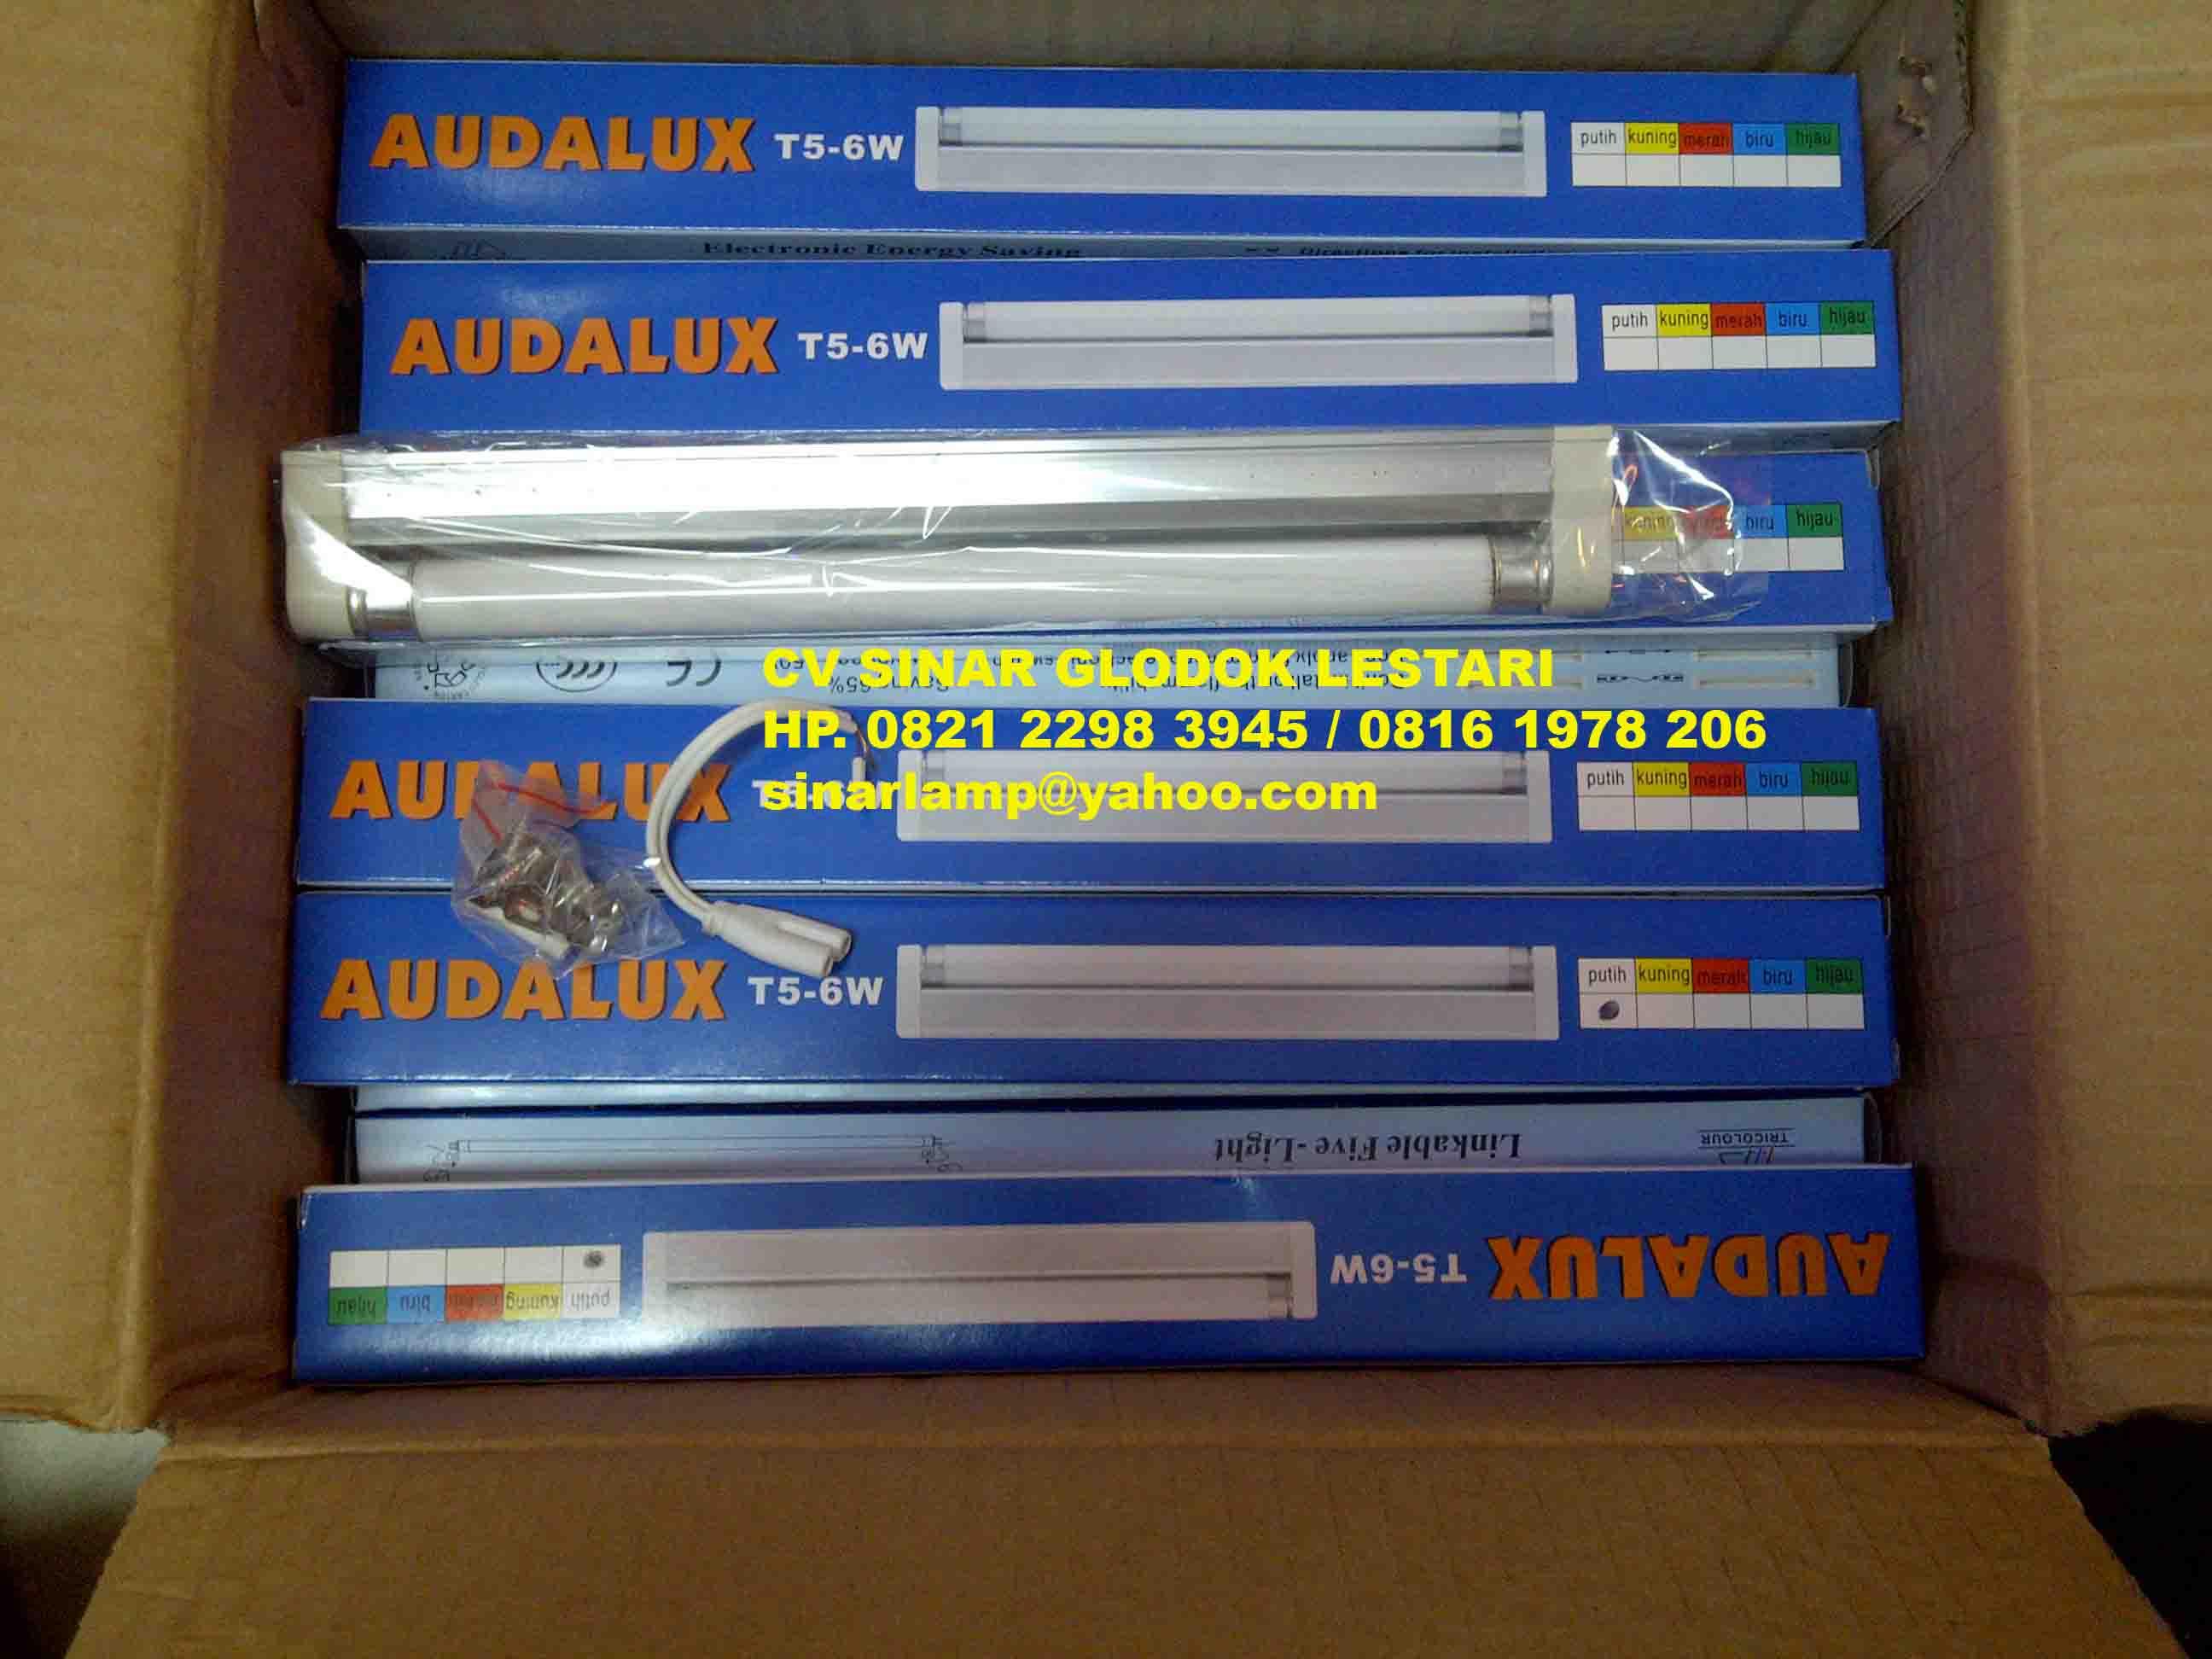 Aneka Lampu T5 Dan Uv Aquarium Light Yang 15w Audalux 6 Watt